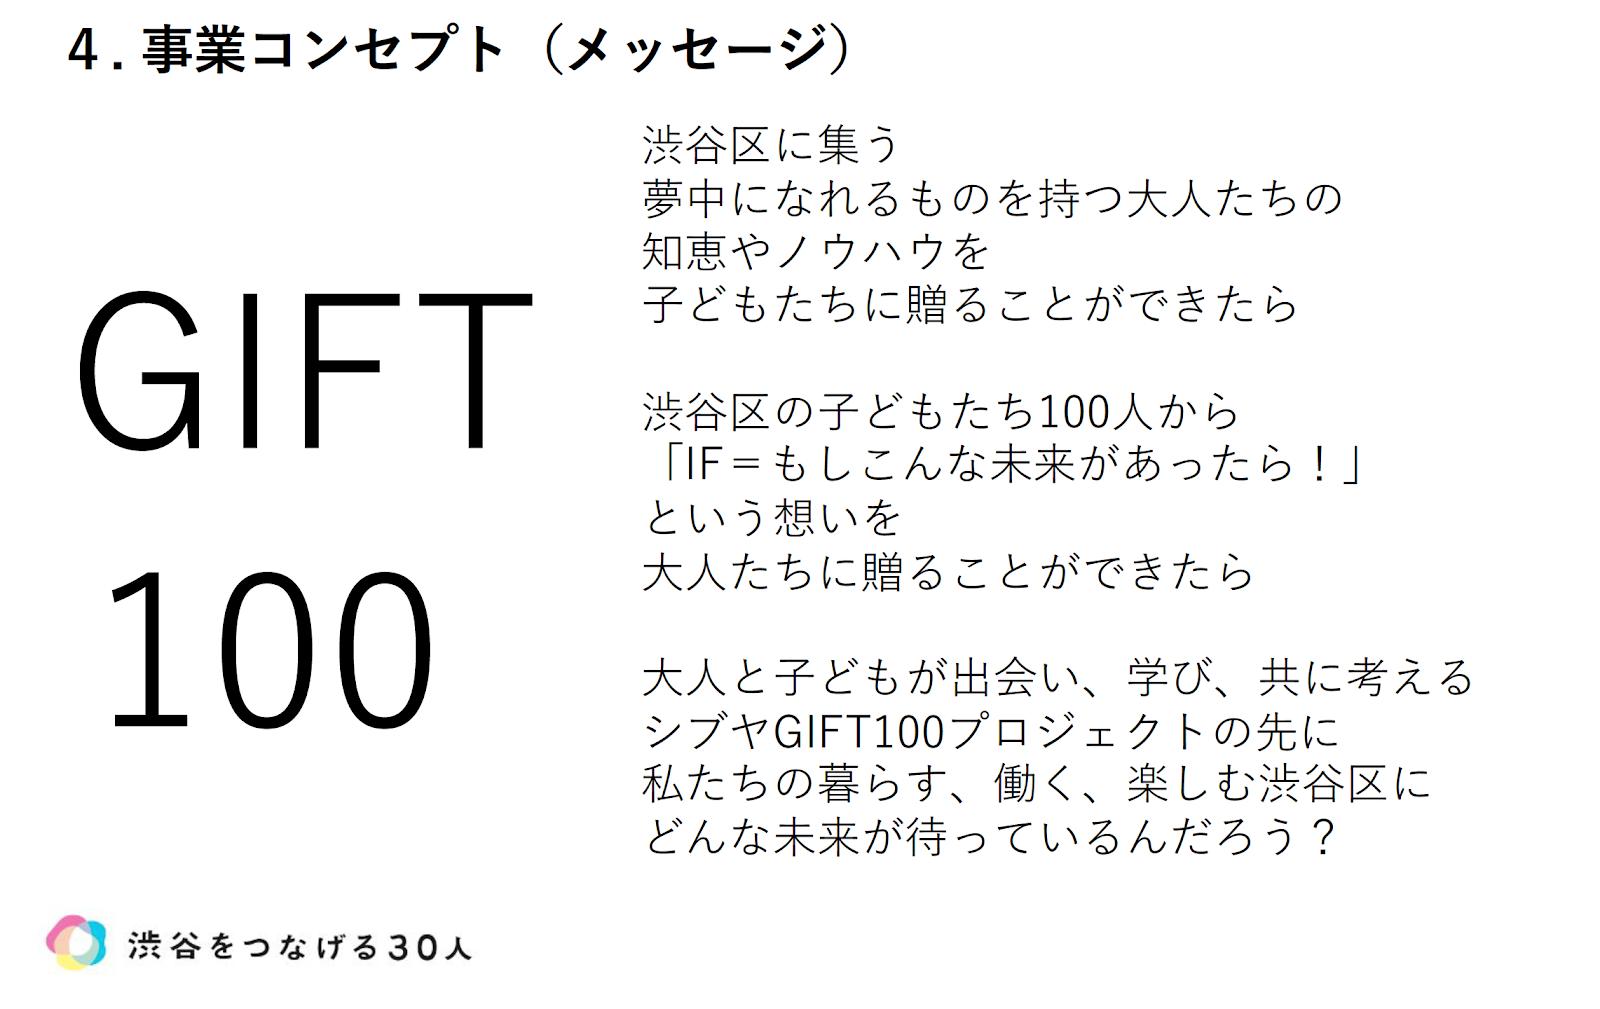 スクリーンショット 2020-03-12 16.19.01